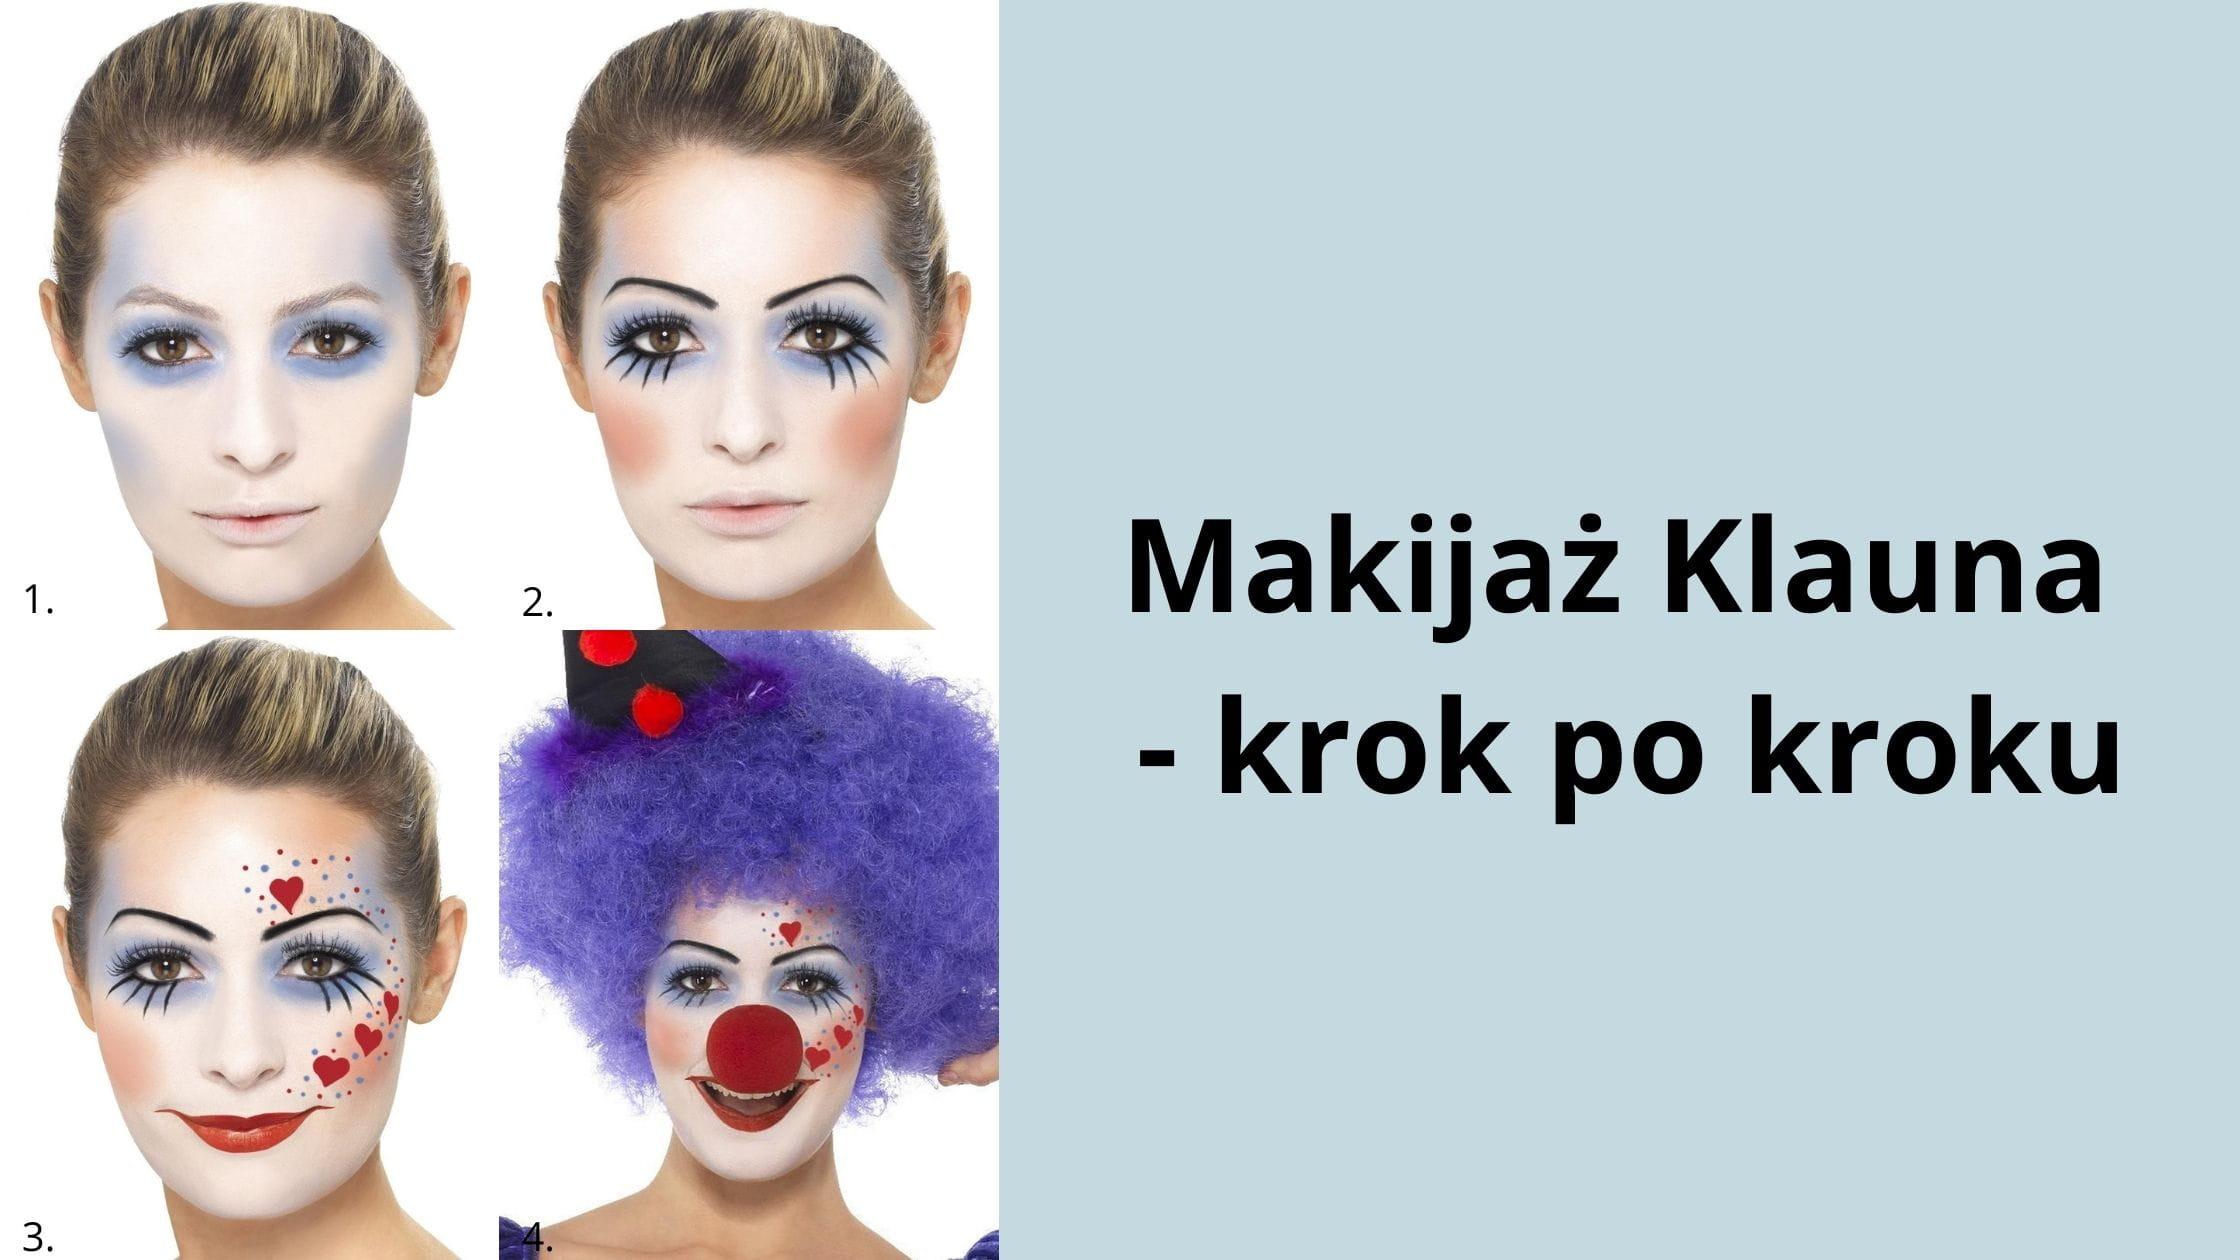 Makijaż Klauna - krok po kroku